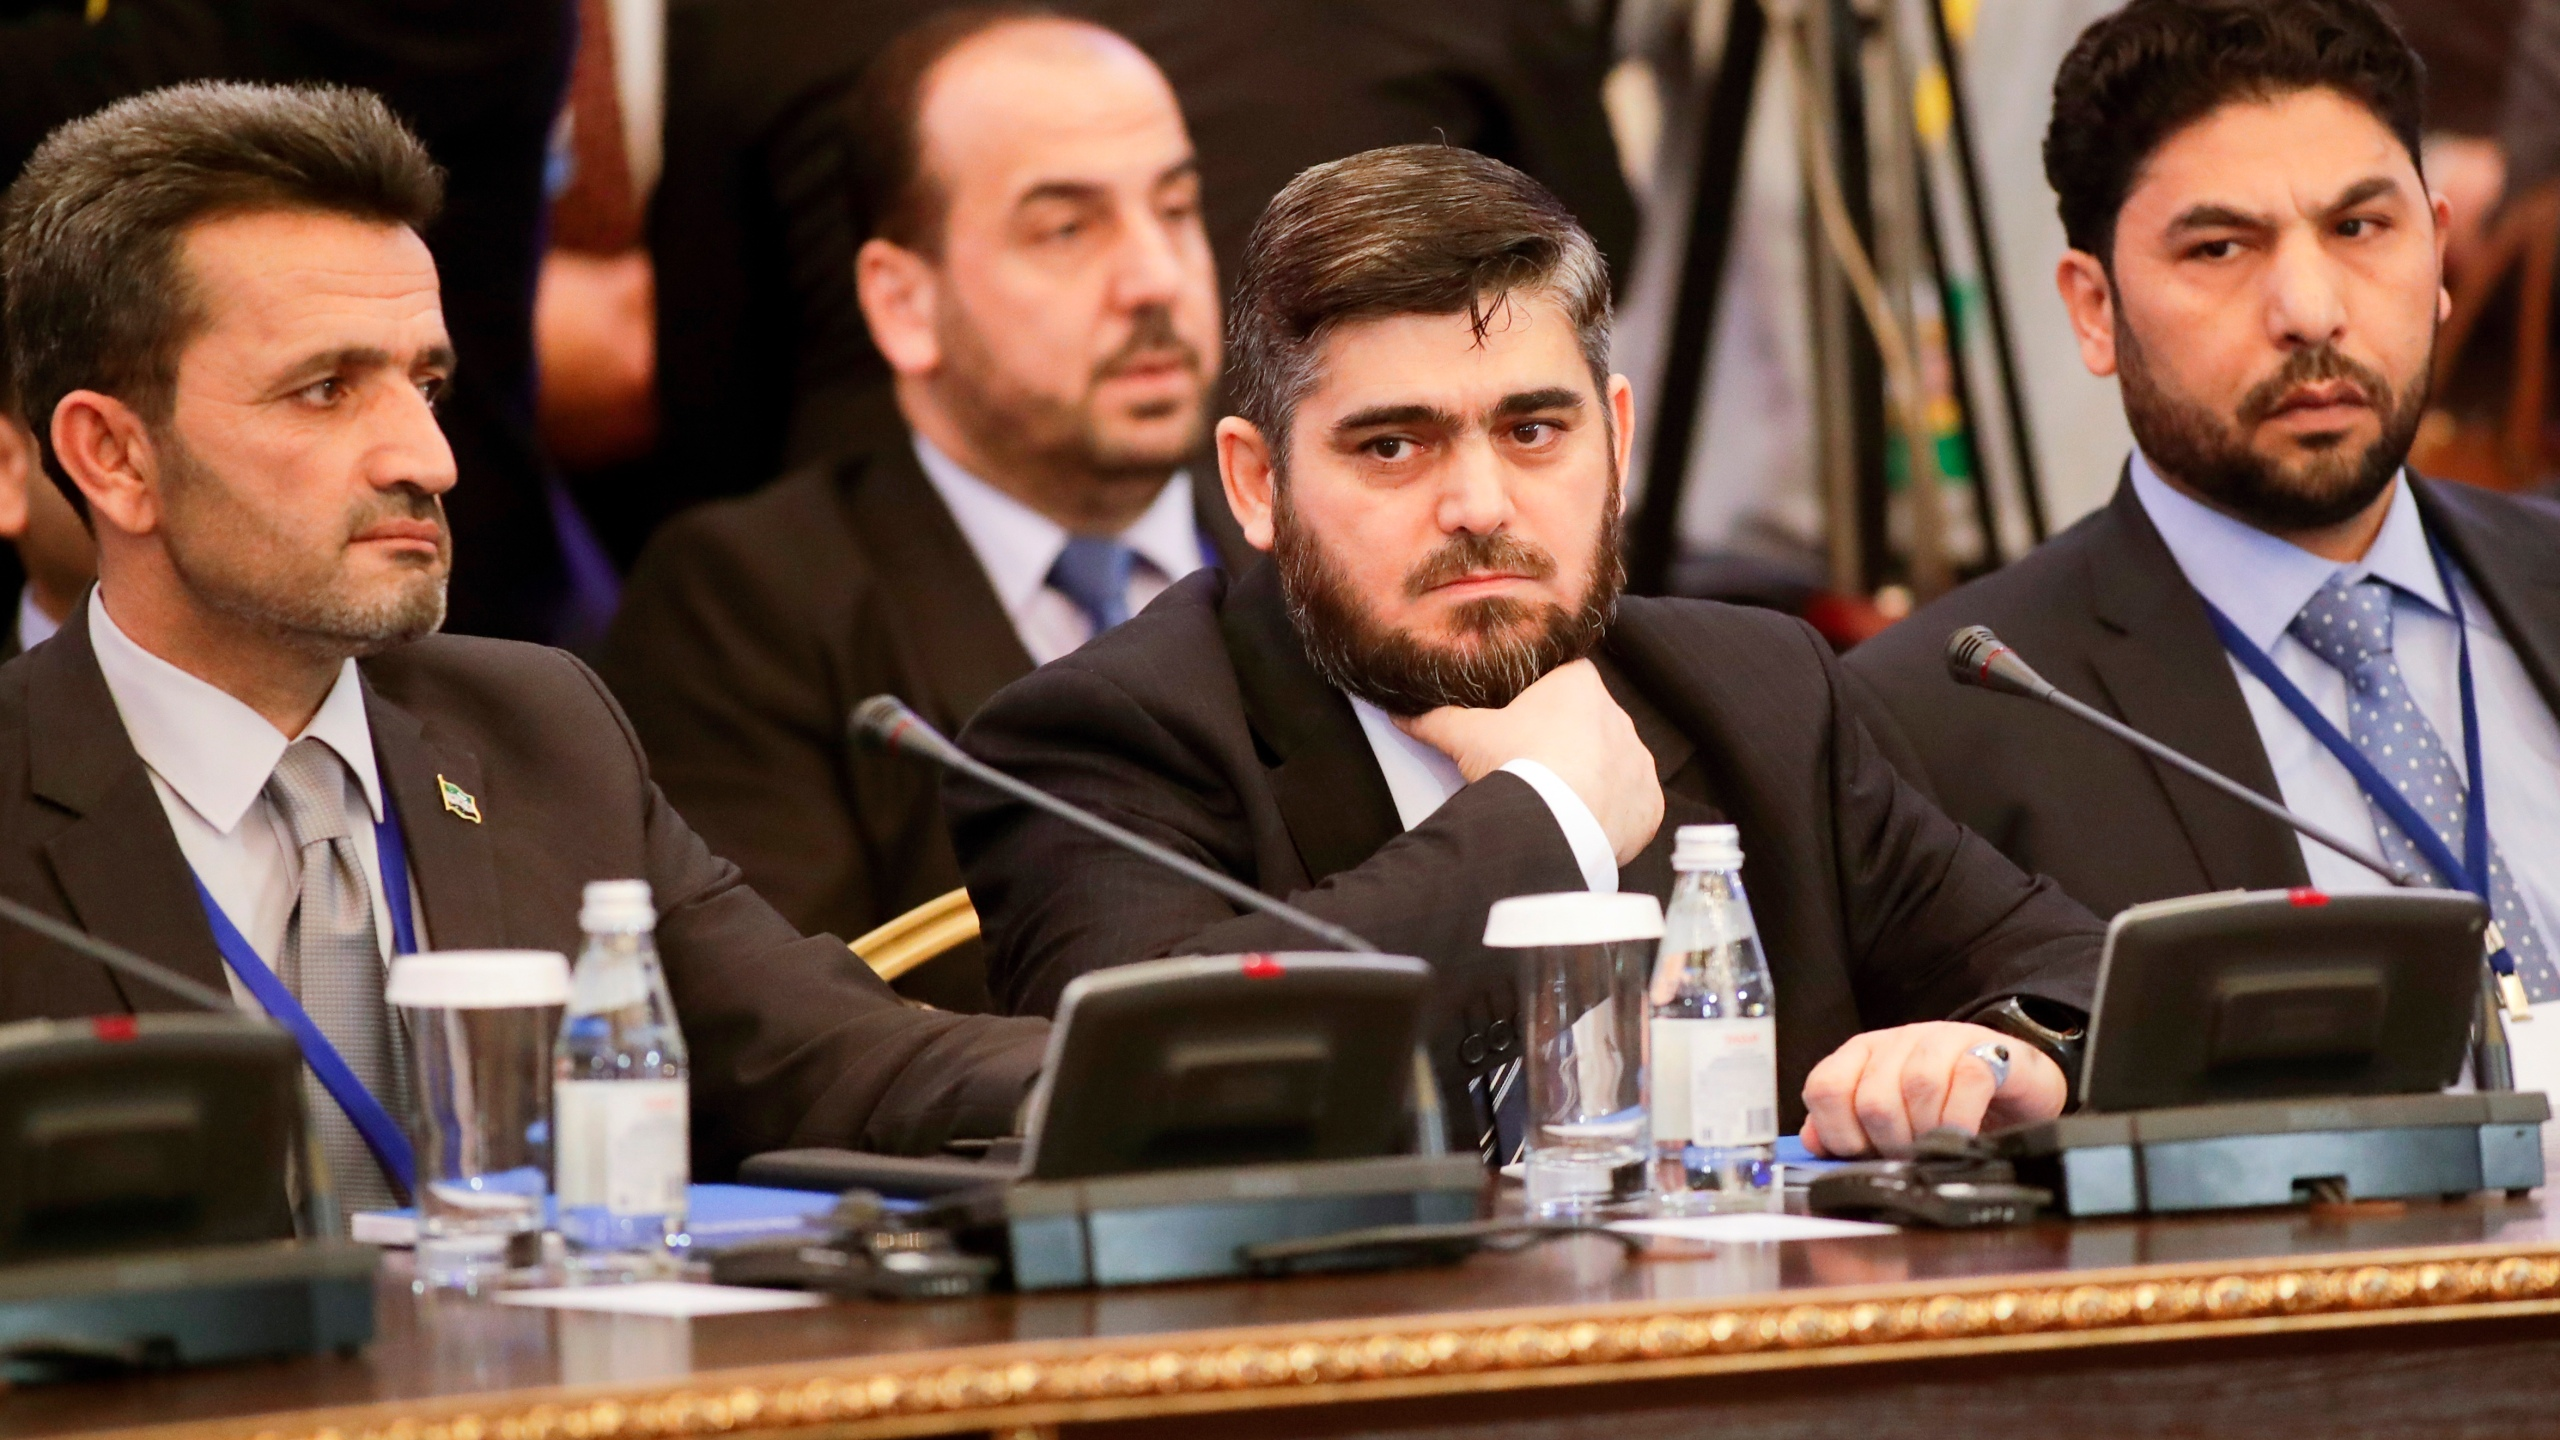 Mohammed Alloush_512484